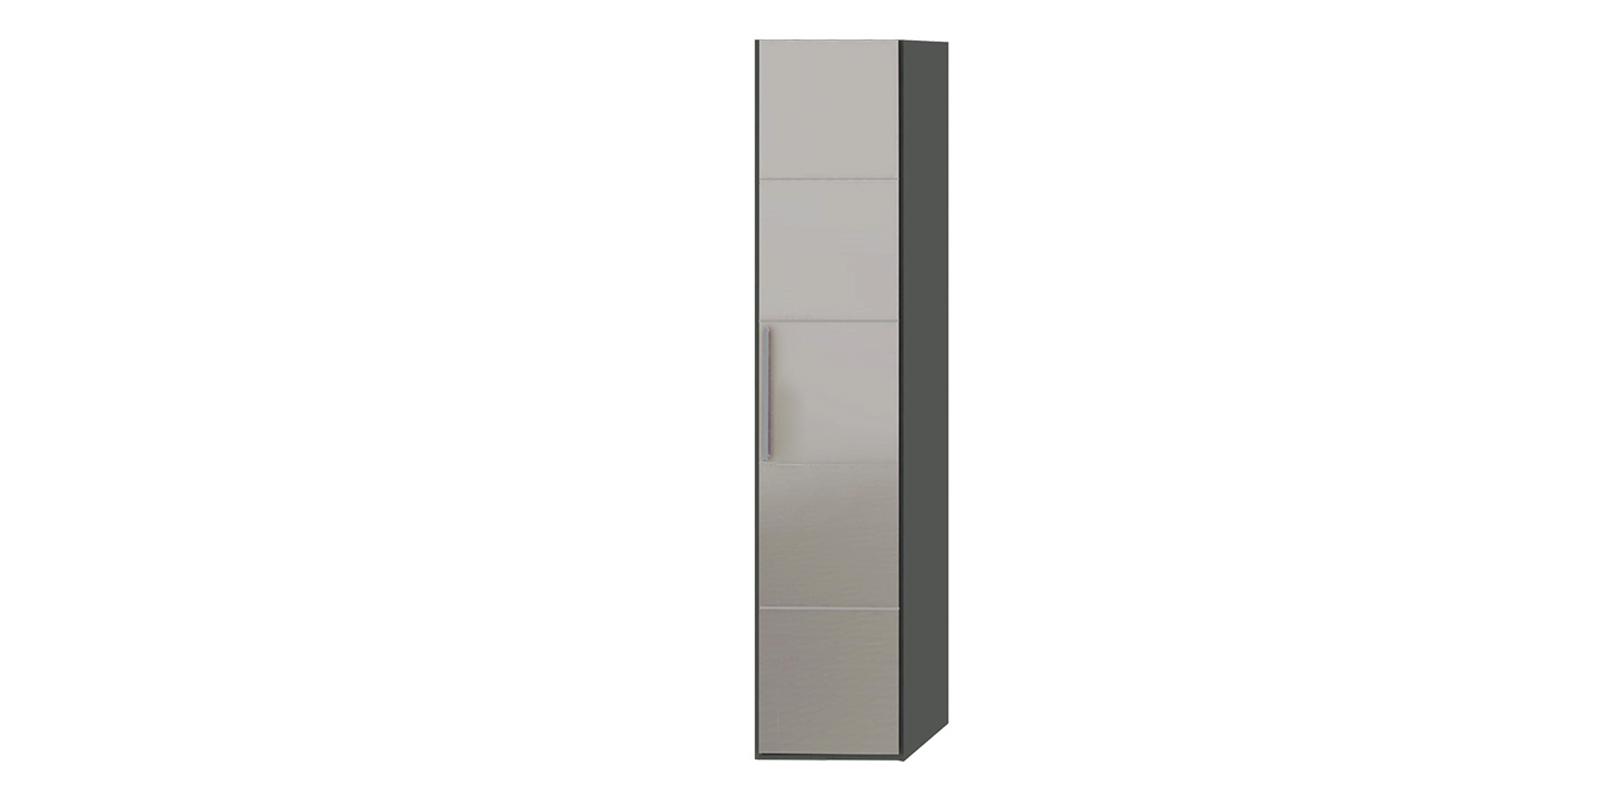 Шкаф распашной однодверный Сорренто торцевой вариант №2 правый (темно-серый/серый) Сорренто